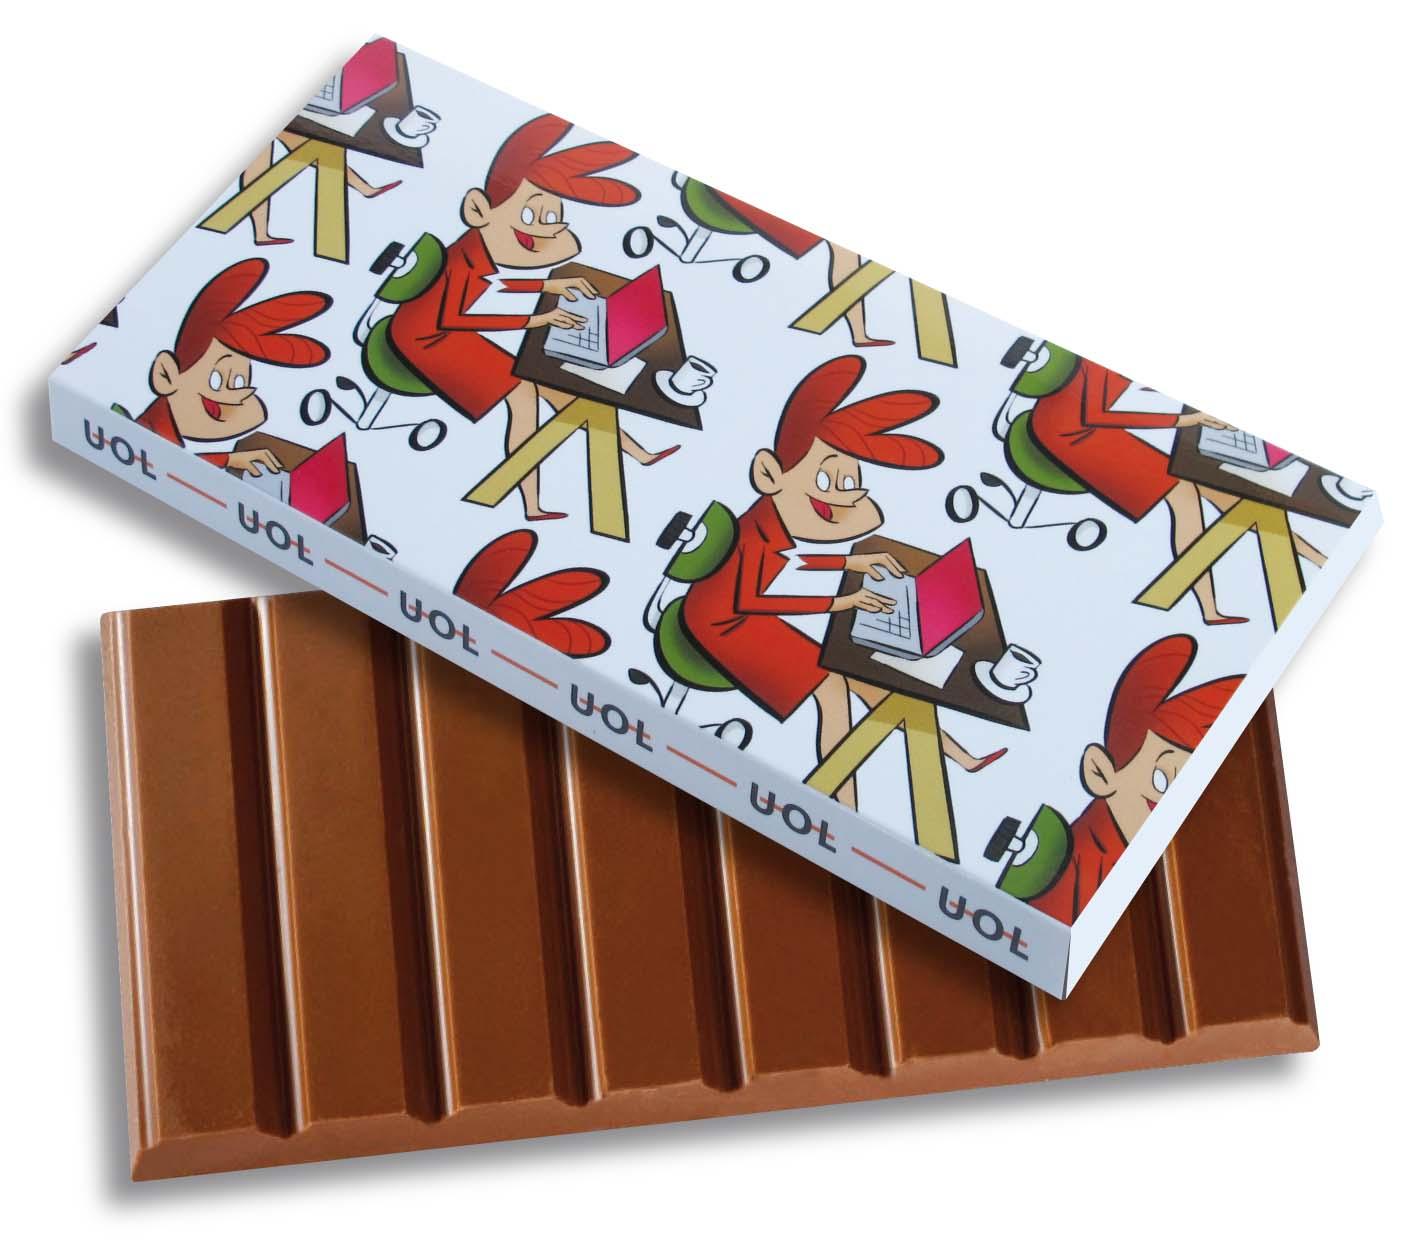 Čokoláda 240g v papírové krabičce